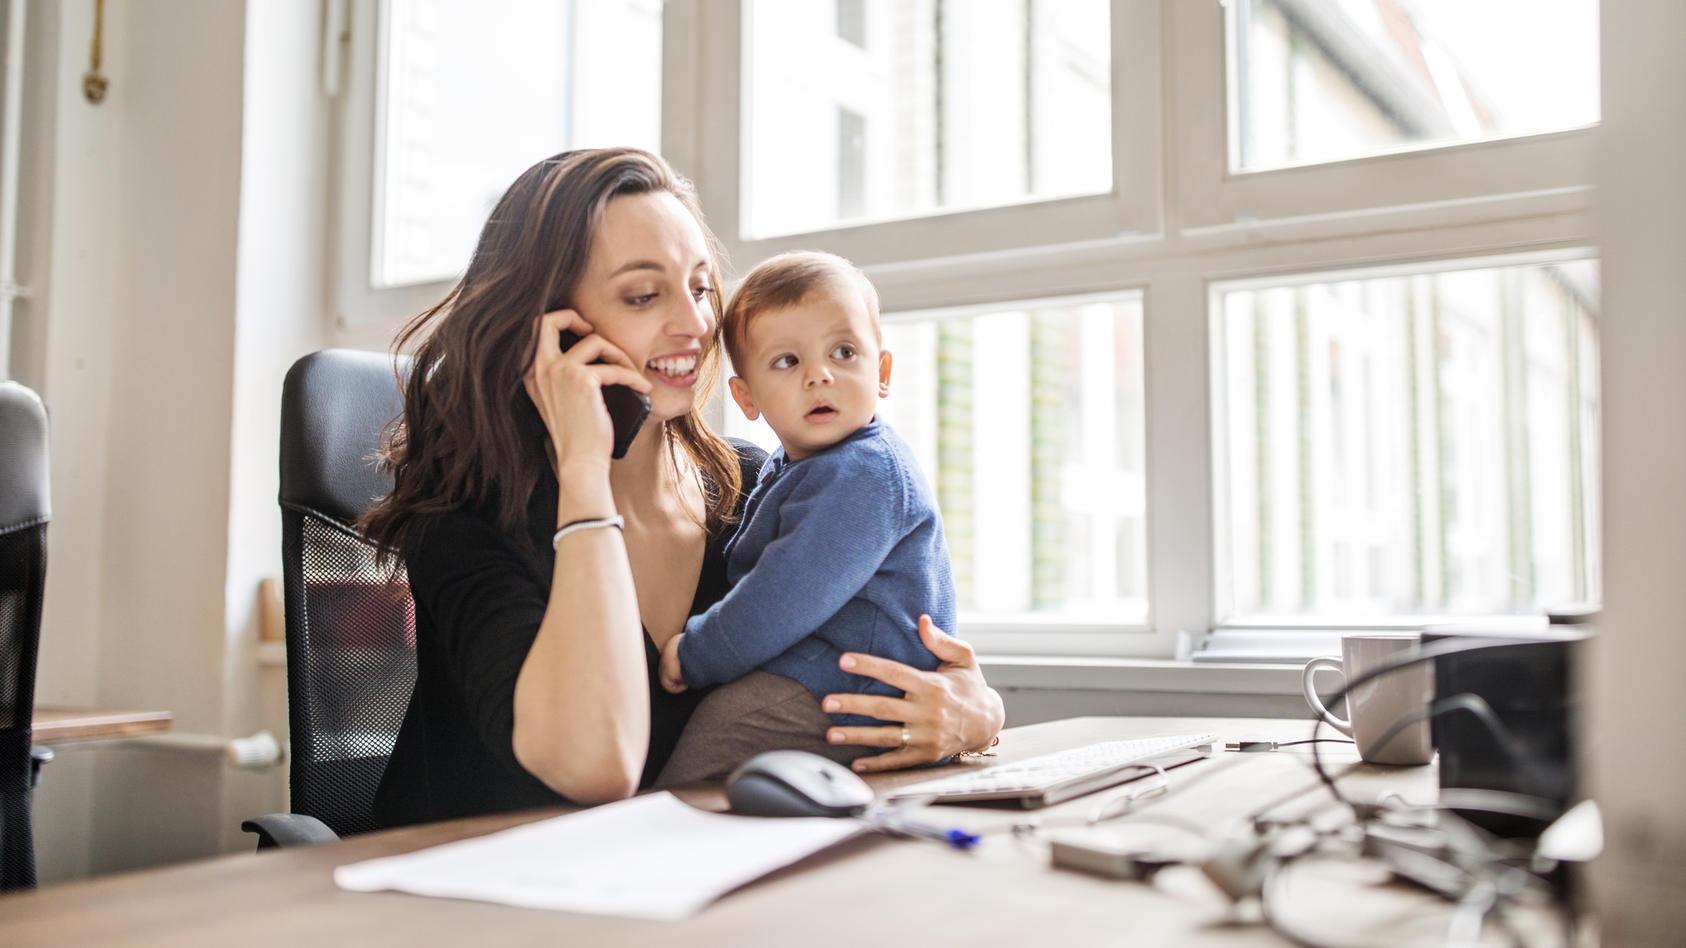 Viele berufstätige junge Mütter wollen möglichst schnell wieder an den Arbeitsplatz zurückkehren. Doch ist das Stillen am Arbeitsplatz möglich?